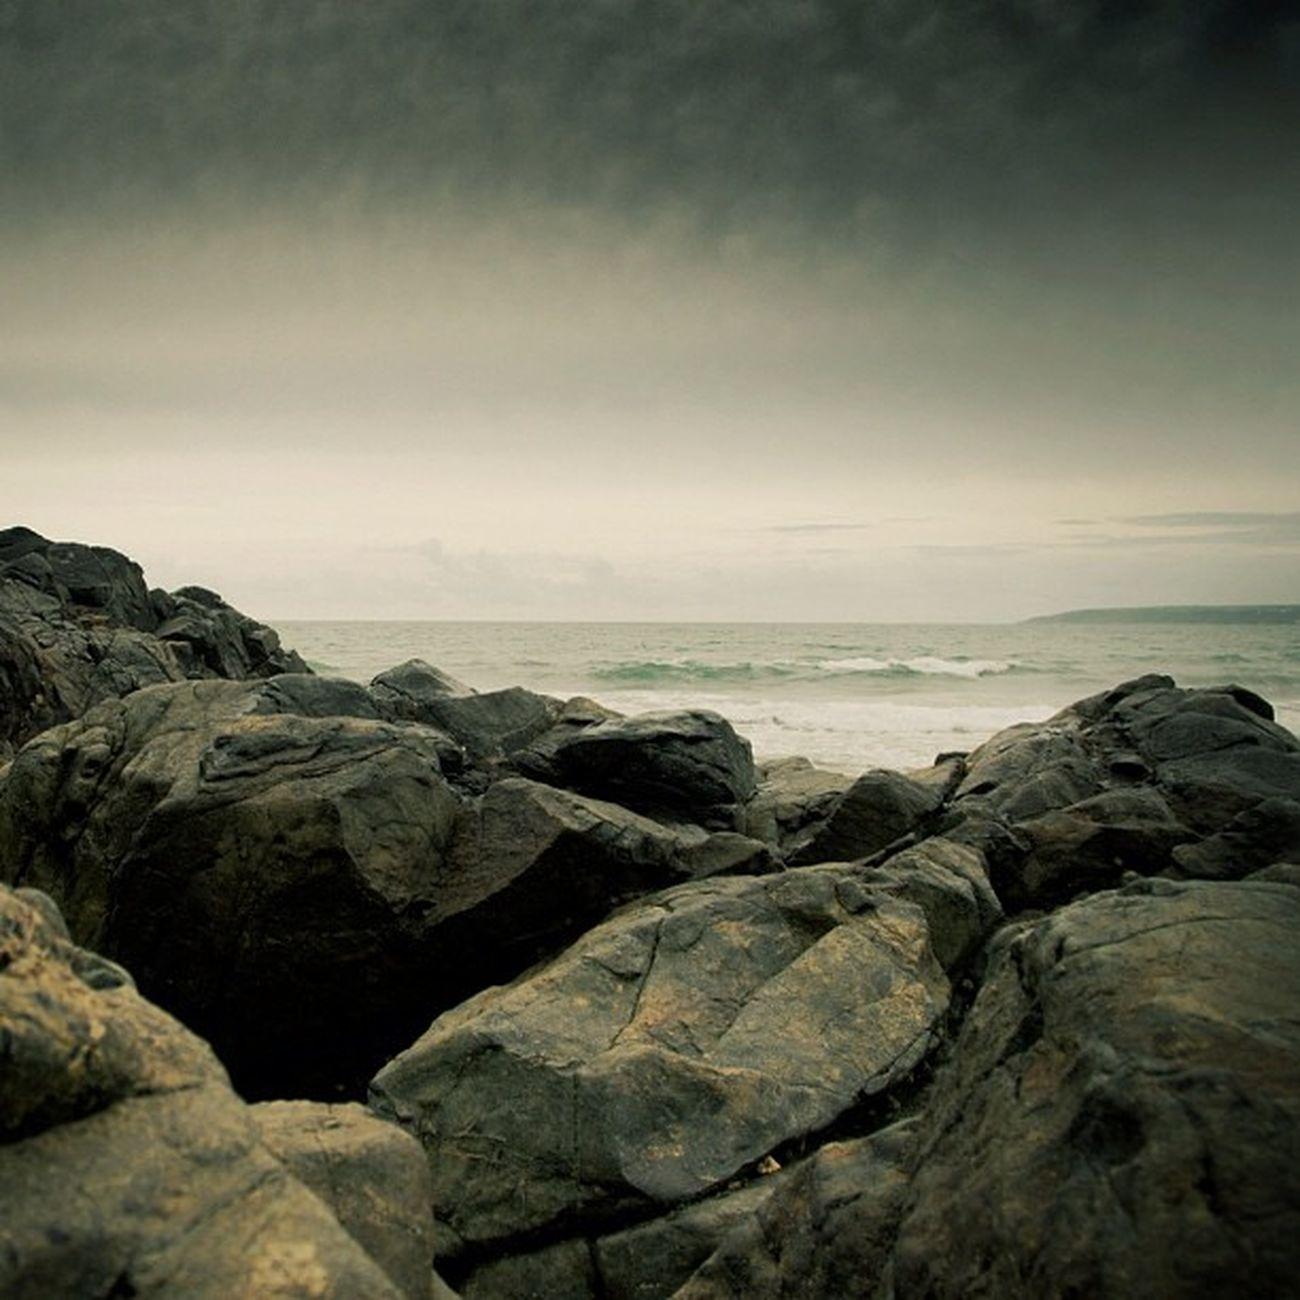 Perranuthnoe. #perramuthnoe #beach #rocks #sea #waves Rocks Waves Perramuthnoe Sea Beach